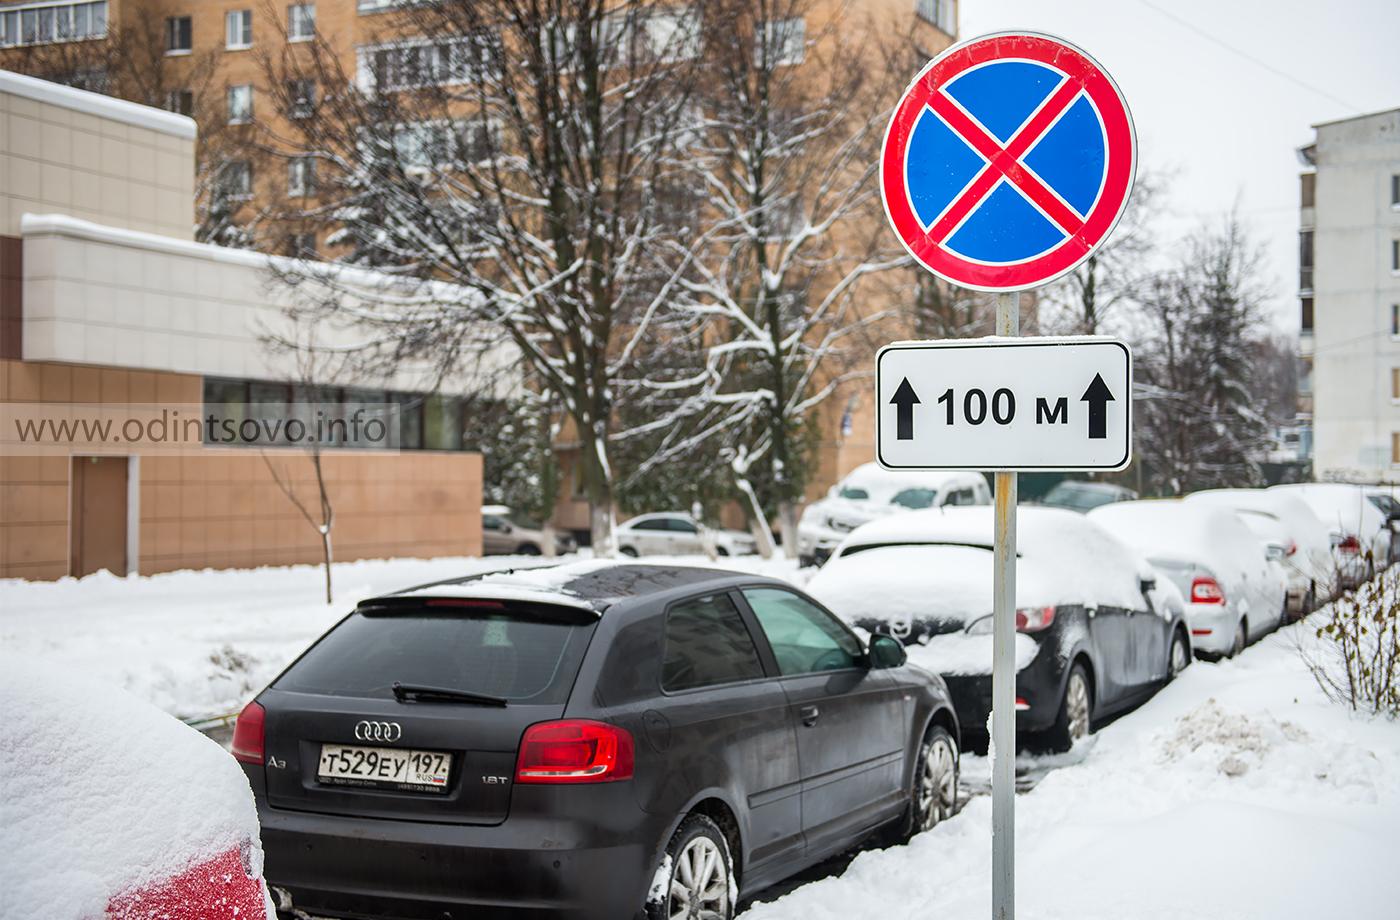 нарушение правил парковки отправить фото